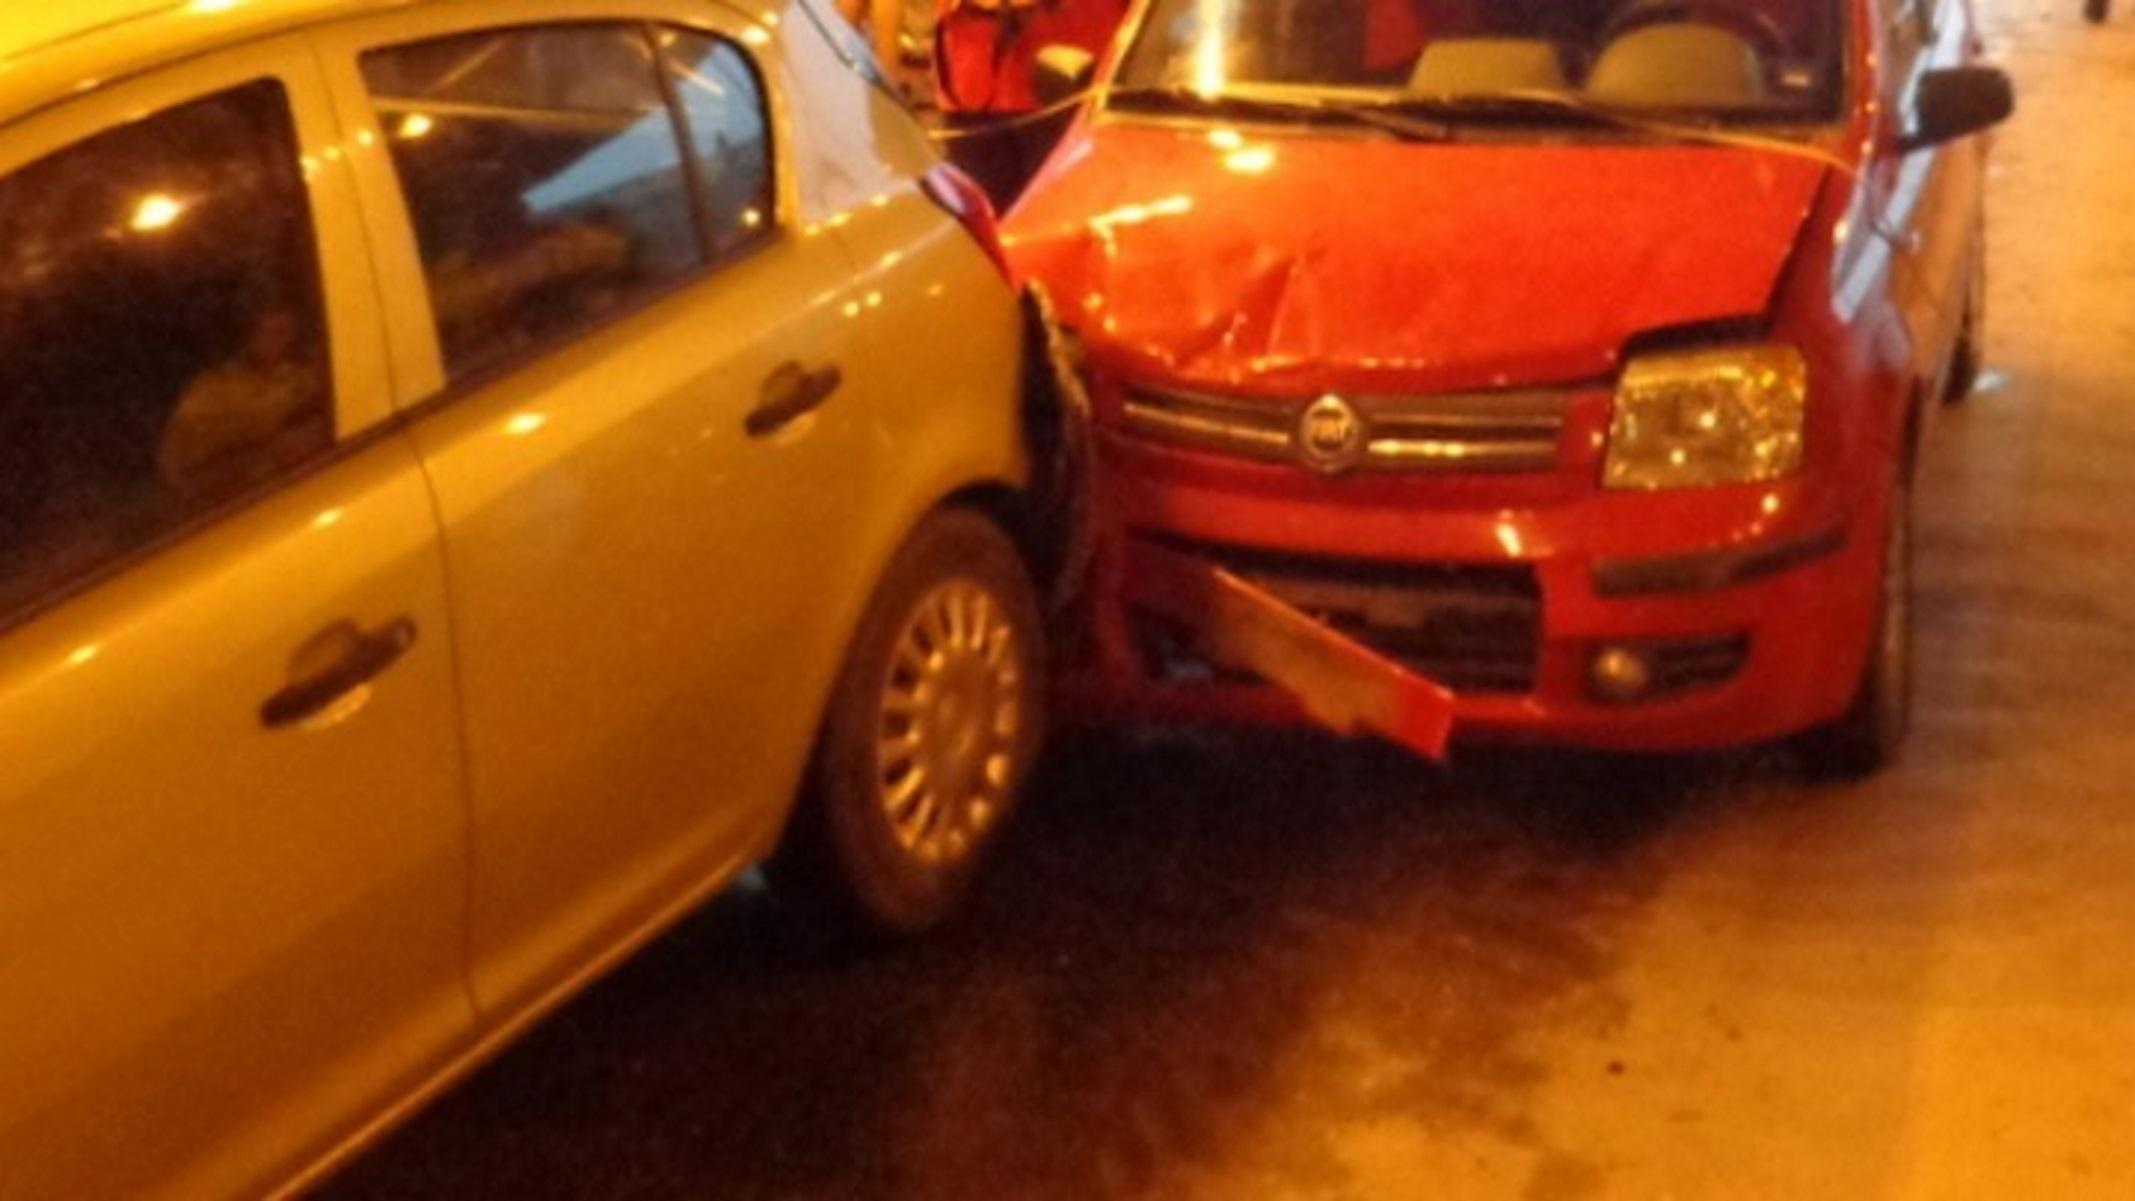 Έξοδος Αγίου Πνεύματος – Θεσσαλονίκη: Καραμπόλα πέντε αυτοκινήτων